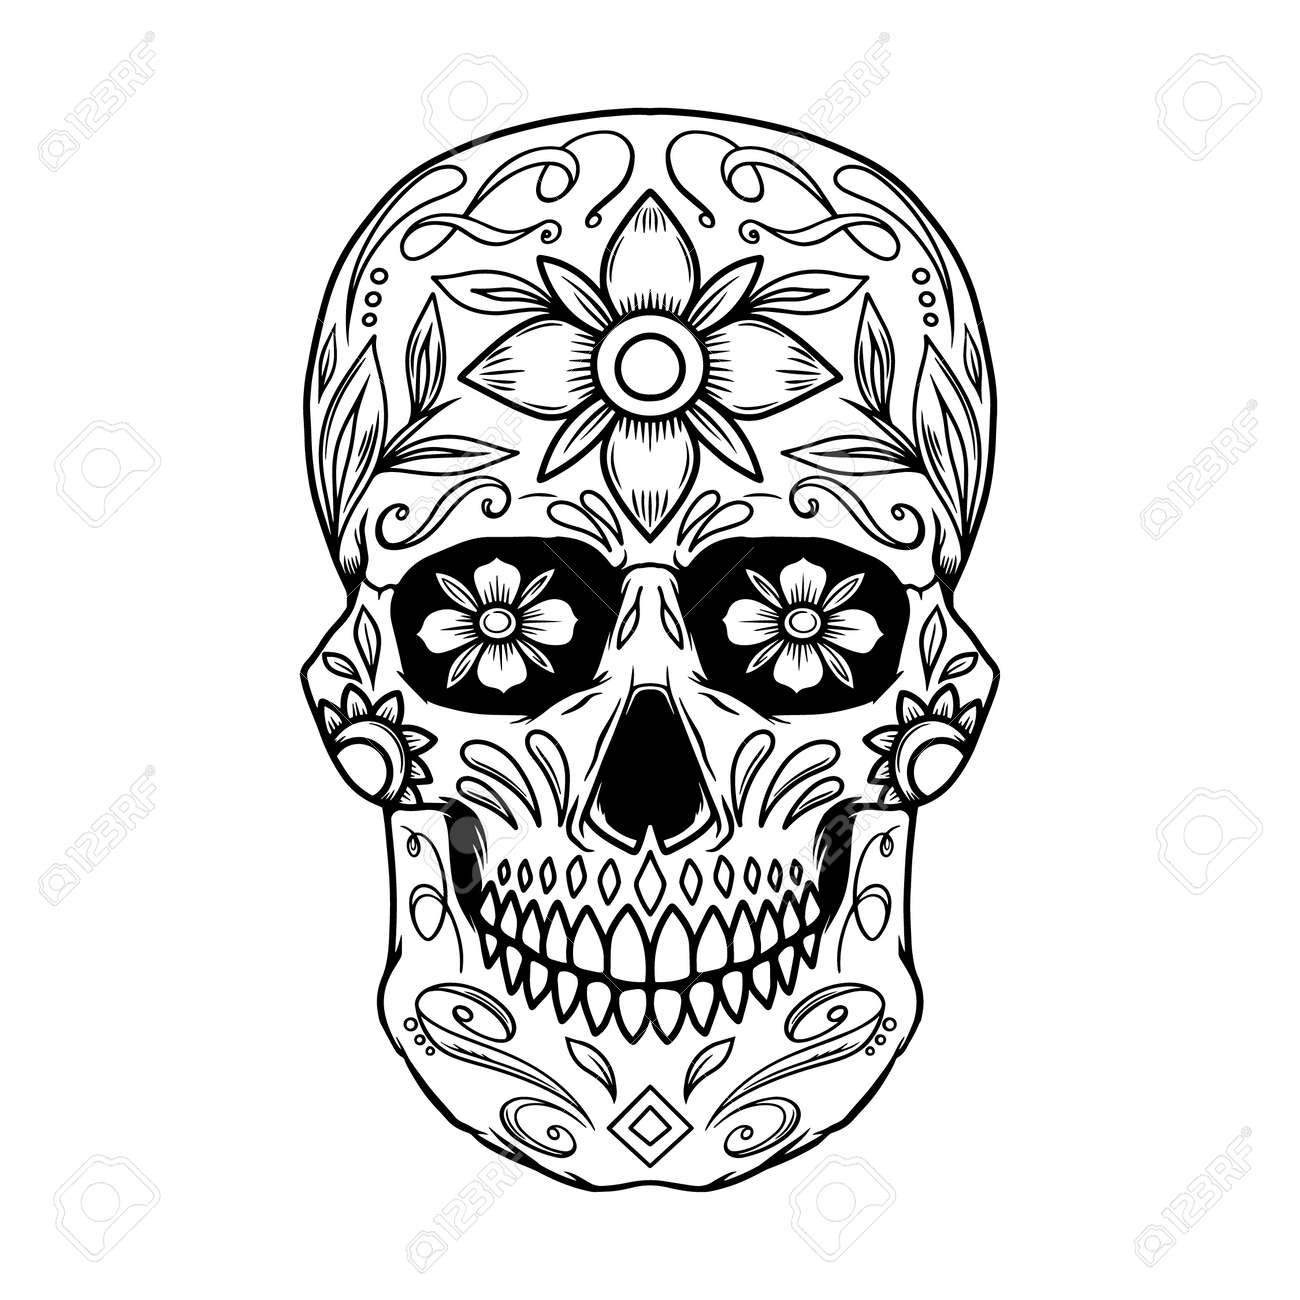 Illustration of mexican sugar skull. Design element for logo, emblem, sign, poster, card, banner. Vector illustration - 157295795